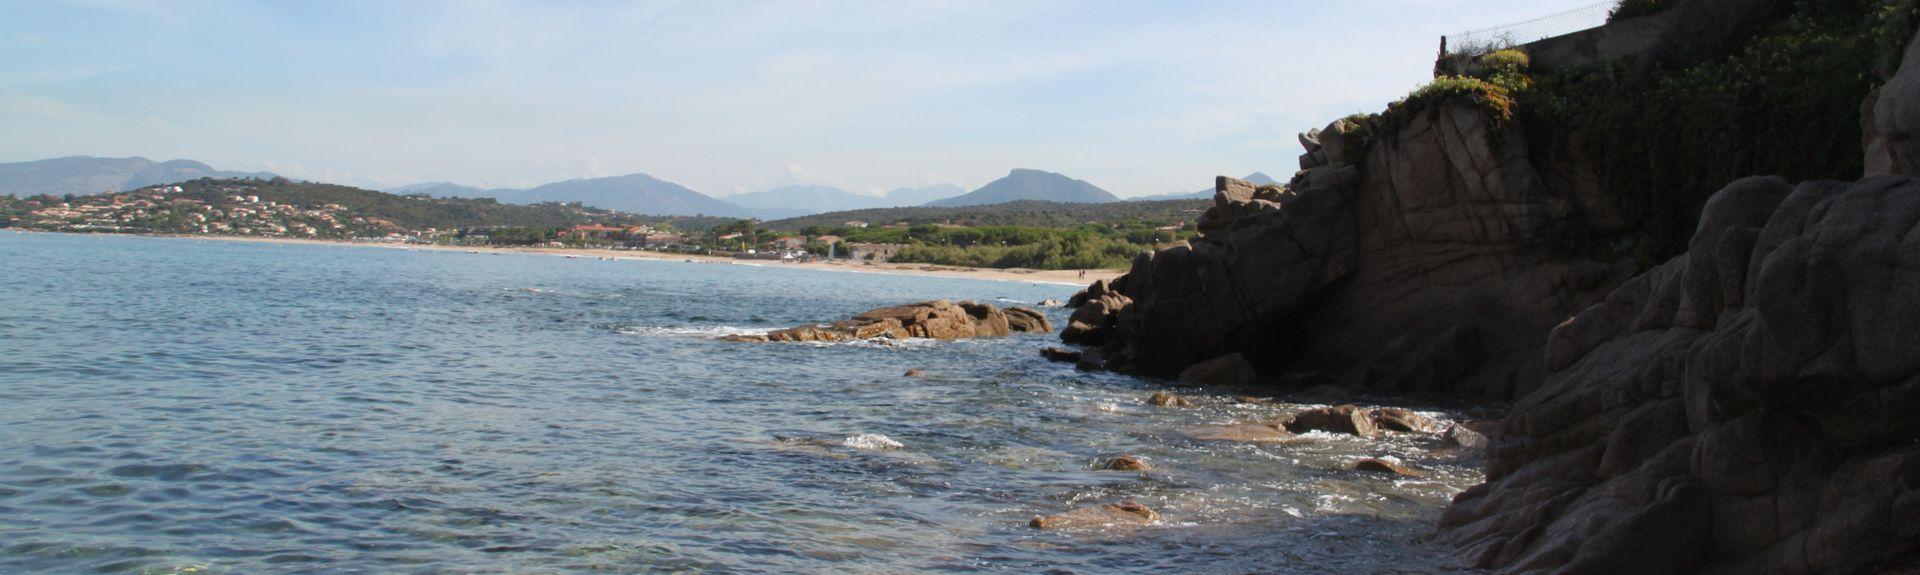 Sollacaro, Corse, France